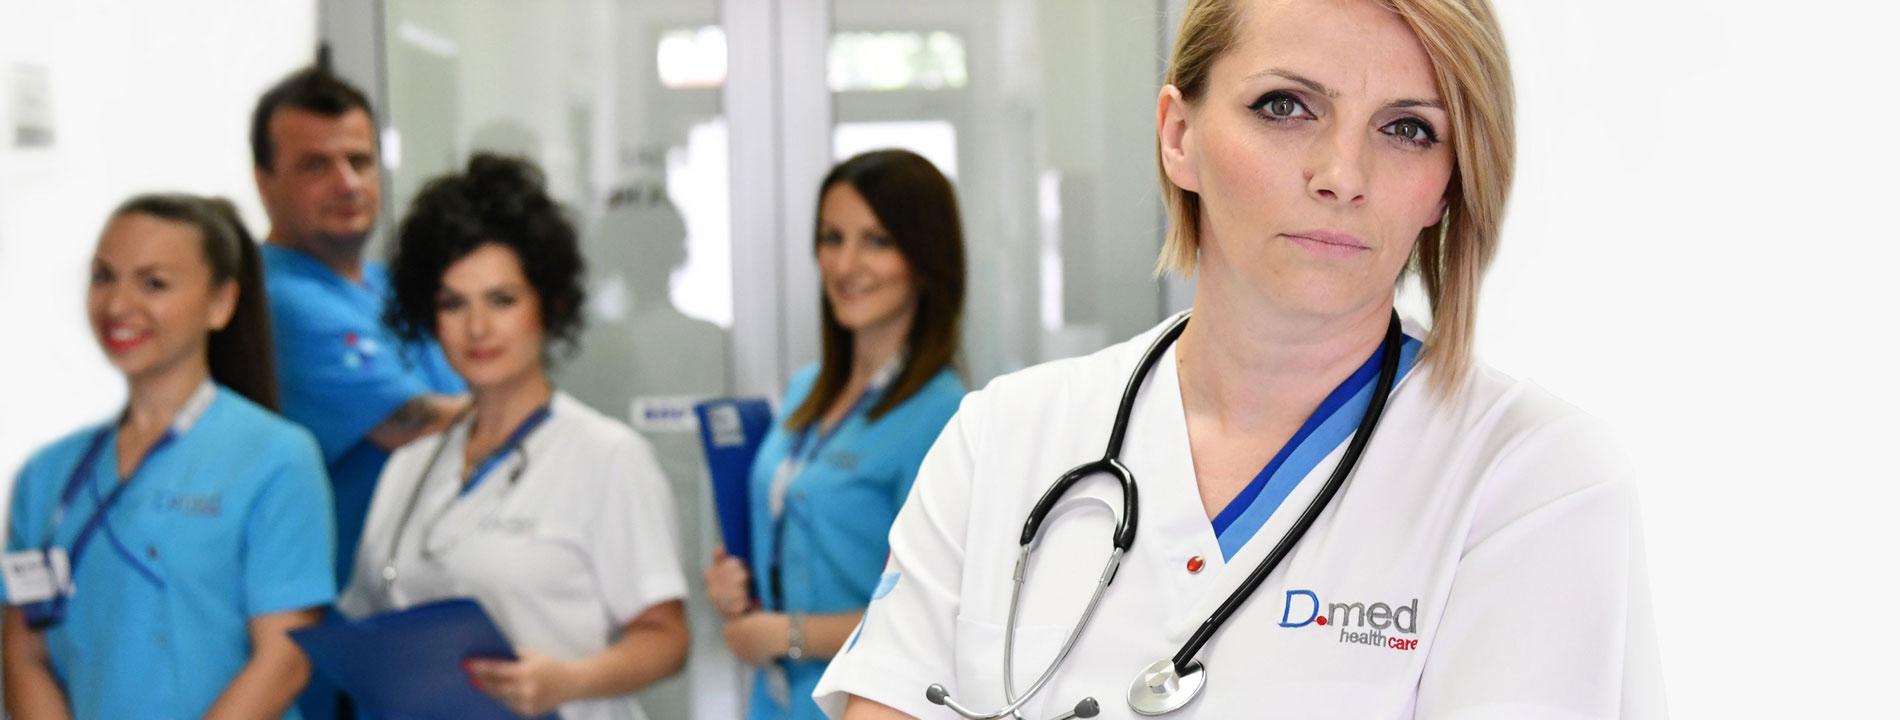 medical-services-header